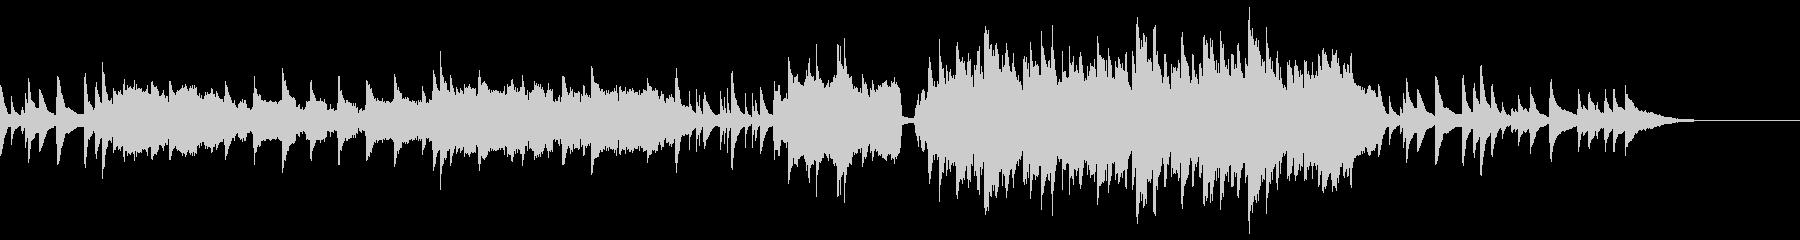 ピアノとストリングスの感動的バラードの未再生の波形